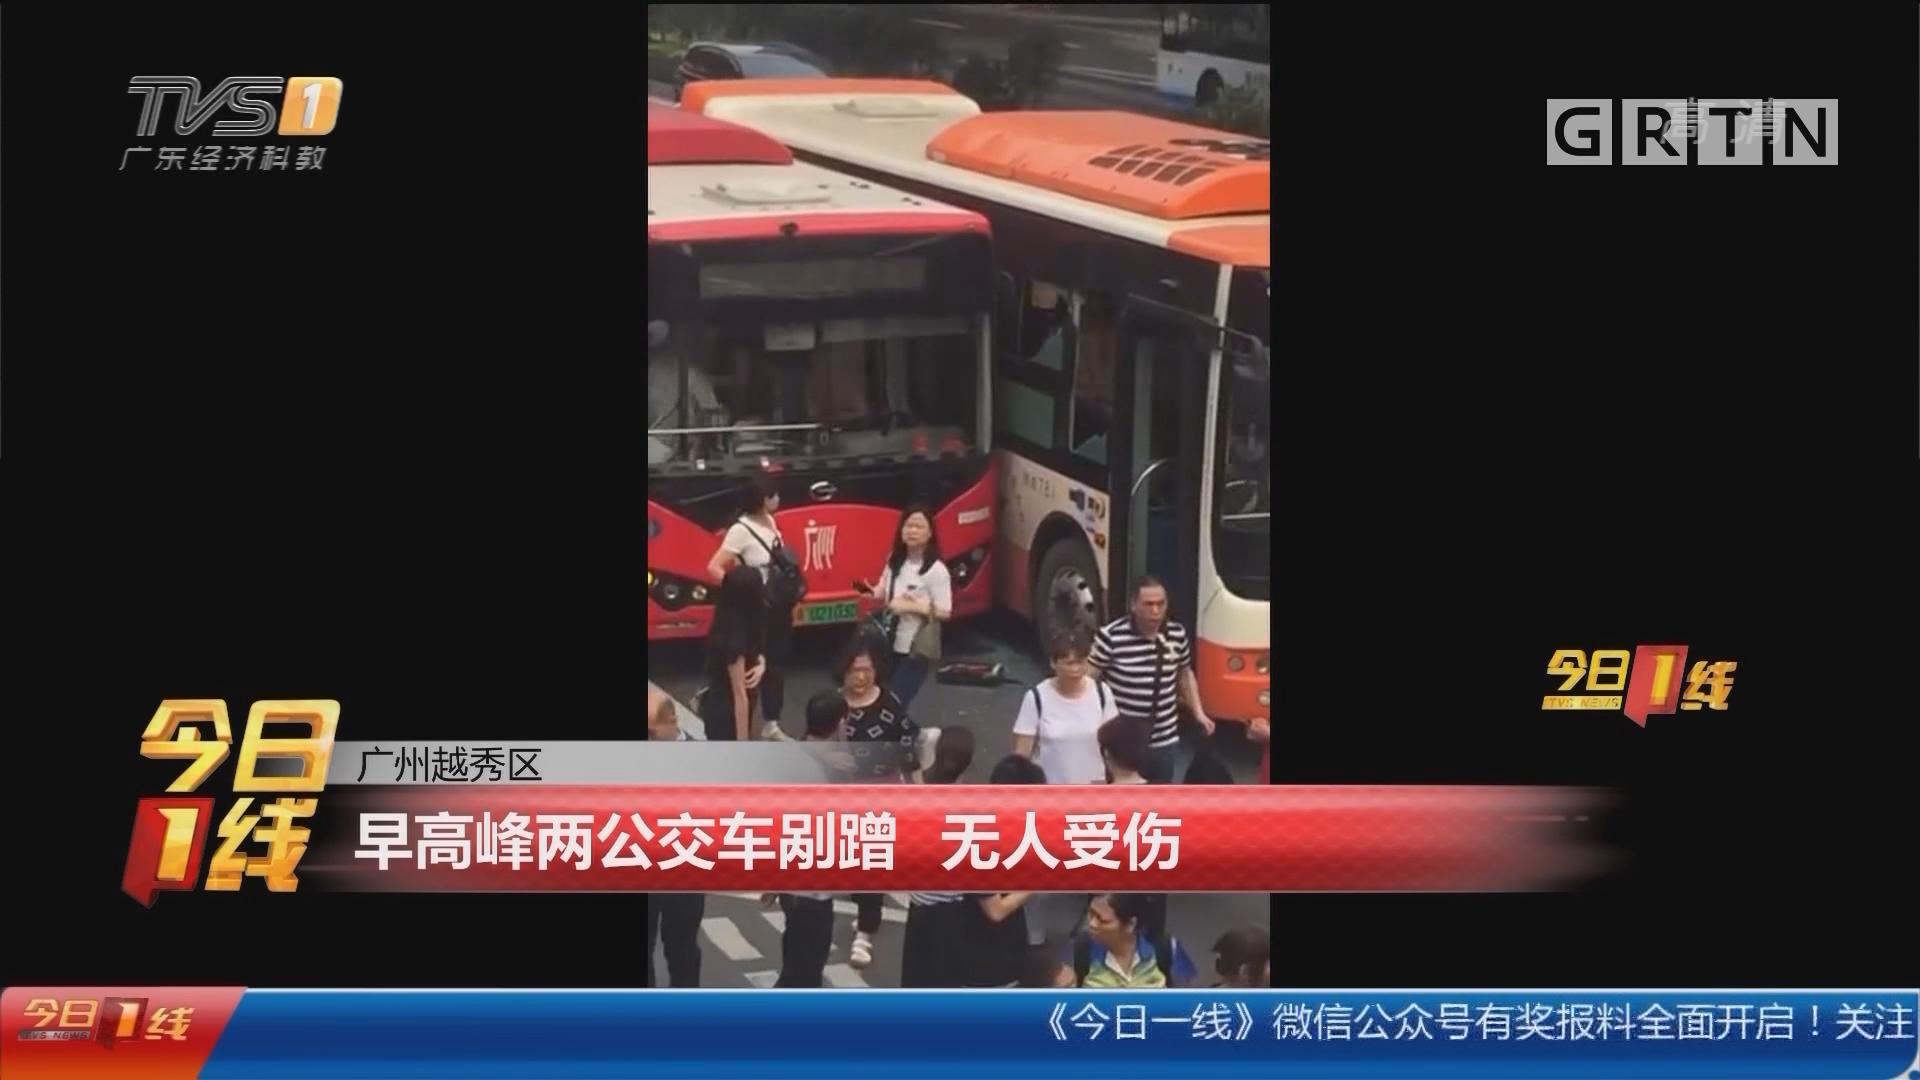 广州越秀区:早高峰两公交车剐蹭 无人受伤